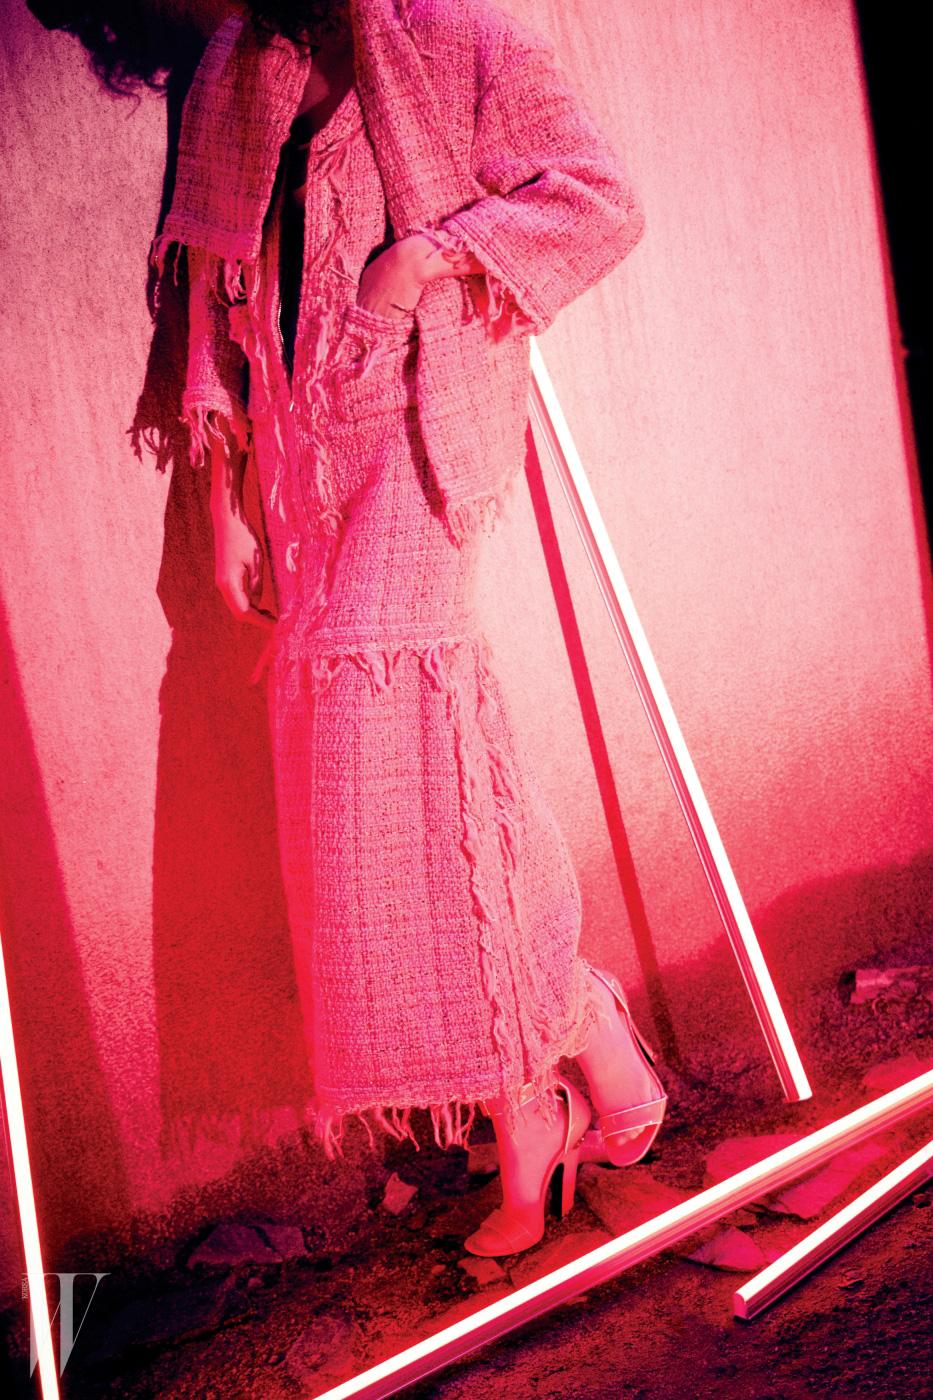 트위드 드레스, 머플러는 Chanel, 분홍 스타킹은 Gucci, 슈즈는 Prada 제품.